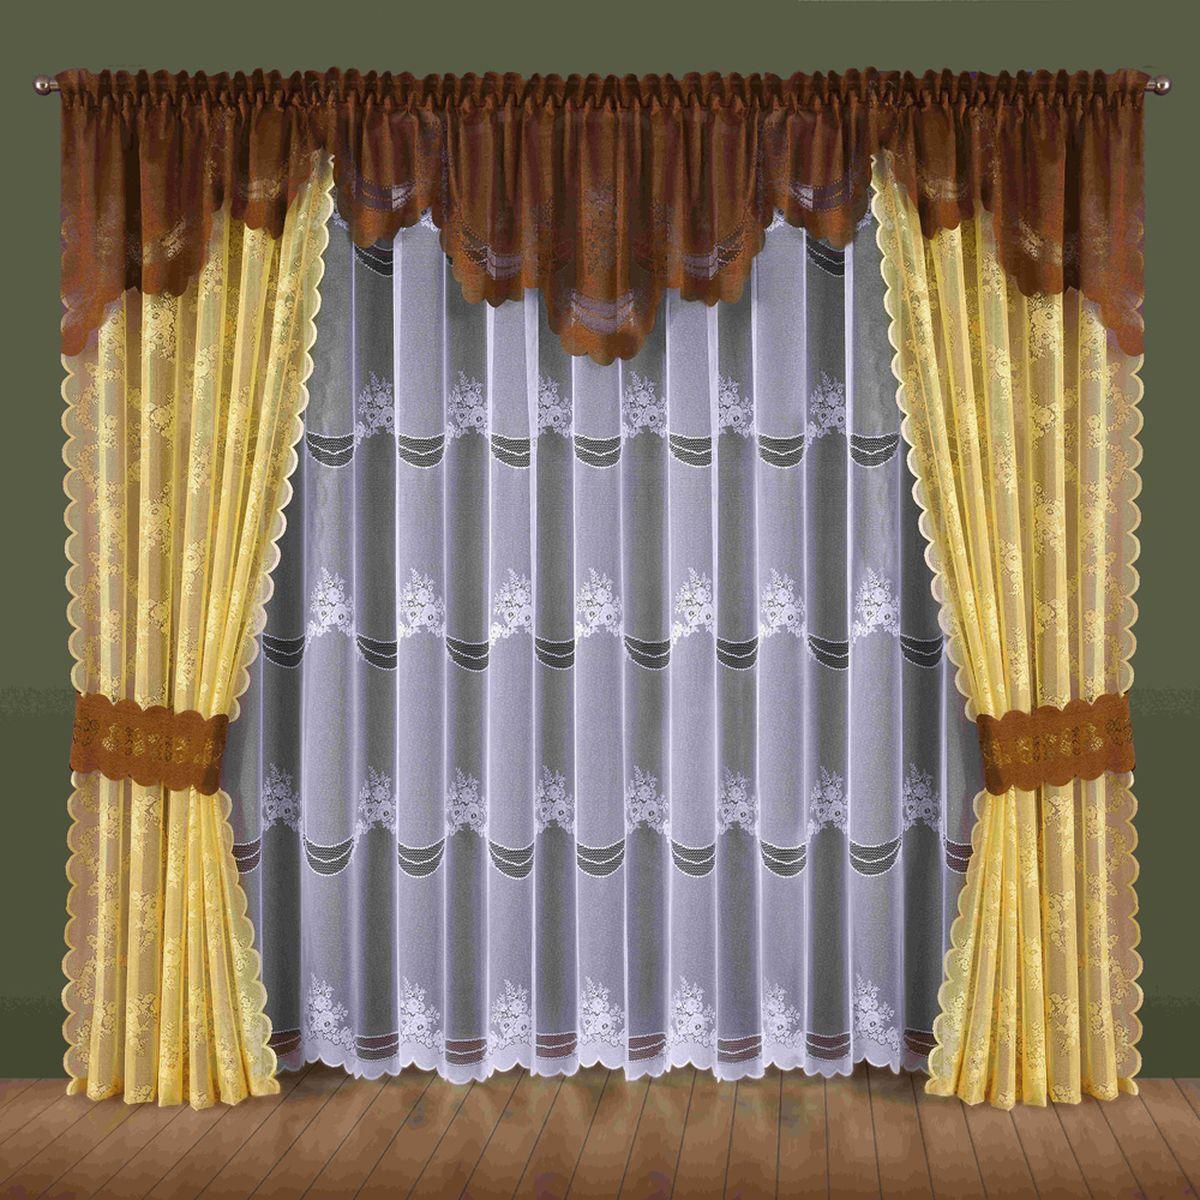 Комплект штор Wisan Nadzieja, на ленте, цвет: желтый, коричневый, высота 250 см184WКомплект штор Wisan Nadzieja выполненный из полиэстера, великолепно украсит любое окно. В комплект входят 2 шторы, тюль, ламбрекен и 2 подхвата. Интересный крой и нежный узор придают комплекту особый стиль и шарм. Тонкое плетение, нежная цветовая гамма и роскошное исполнение - все это делает шторы Wisan Nadzieja замечательным дополнением интерьера помещения.Комплект оснащен шторной лентой для красивой сборки. В комплект входит: Штора - 2 шт. Размер (ШхВ): 145 см х 250 см. Тюль - 1 шт. Размер (ШхВ): 400 см х 250 см. Ламбрекен - 1 шт. Размер (ШхВ): 440 см х 70 см. Подхват - 2 шт.Фирма Wisan на польском рынке существует уже более пятидесяти лет и является одной из лучших польских фабрик по производству штор и тканей. Ассортимент фирмы представлен готовыми комплектами штор для гостиной, детской, кухни, а также текстилем для кухни (скатерти, салфетки, дорожки, кухонные занавески). Модельный ряд отличает оригинальный дизайн, высокое качество. Ассортимент продукции постоянно пополняется.